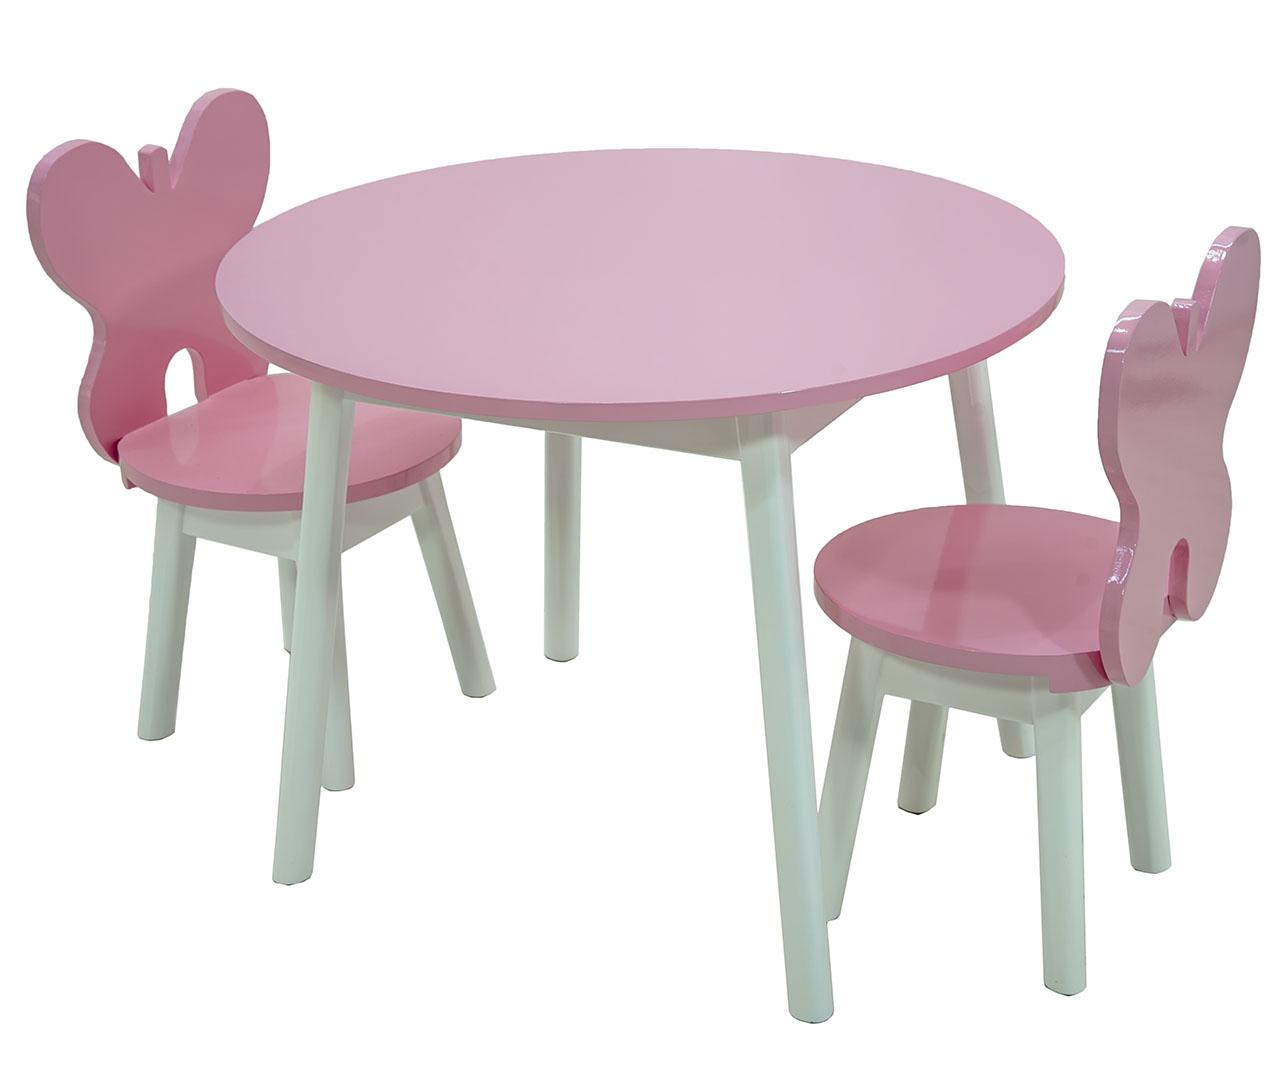 Image of: Conjunto Infantil Colorido Mesa Com Cadeiras Borboleta Rosa E Branco